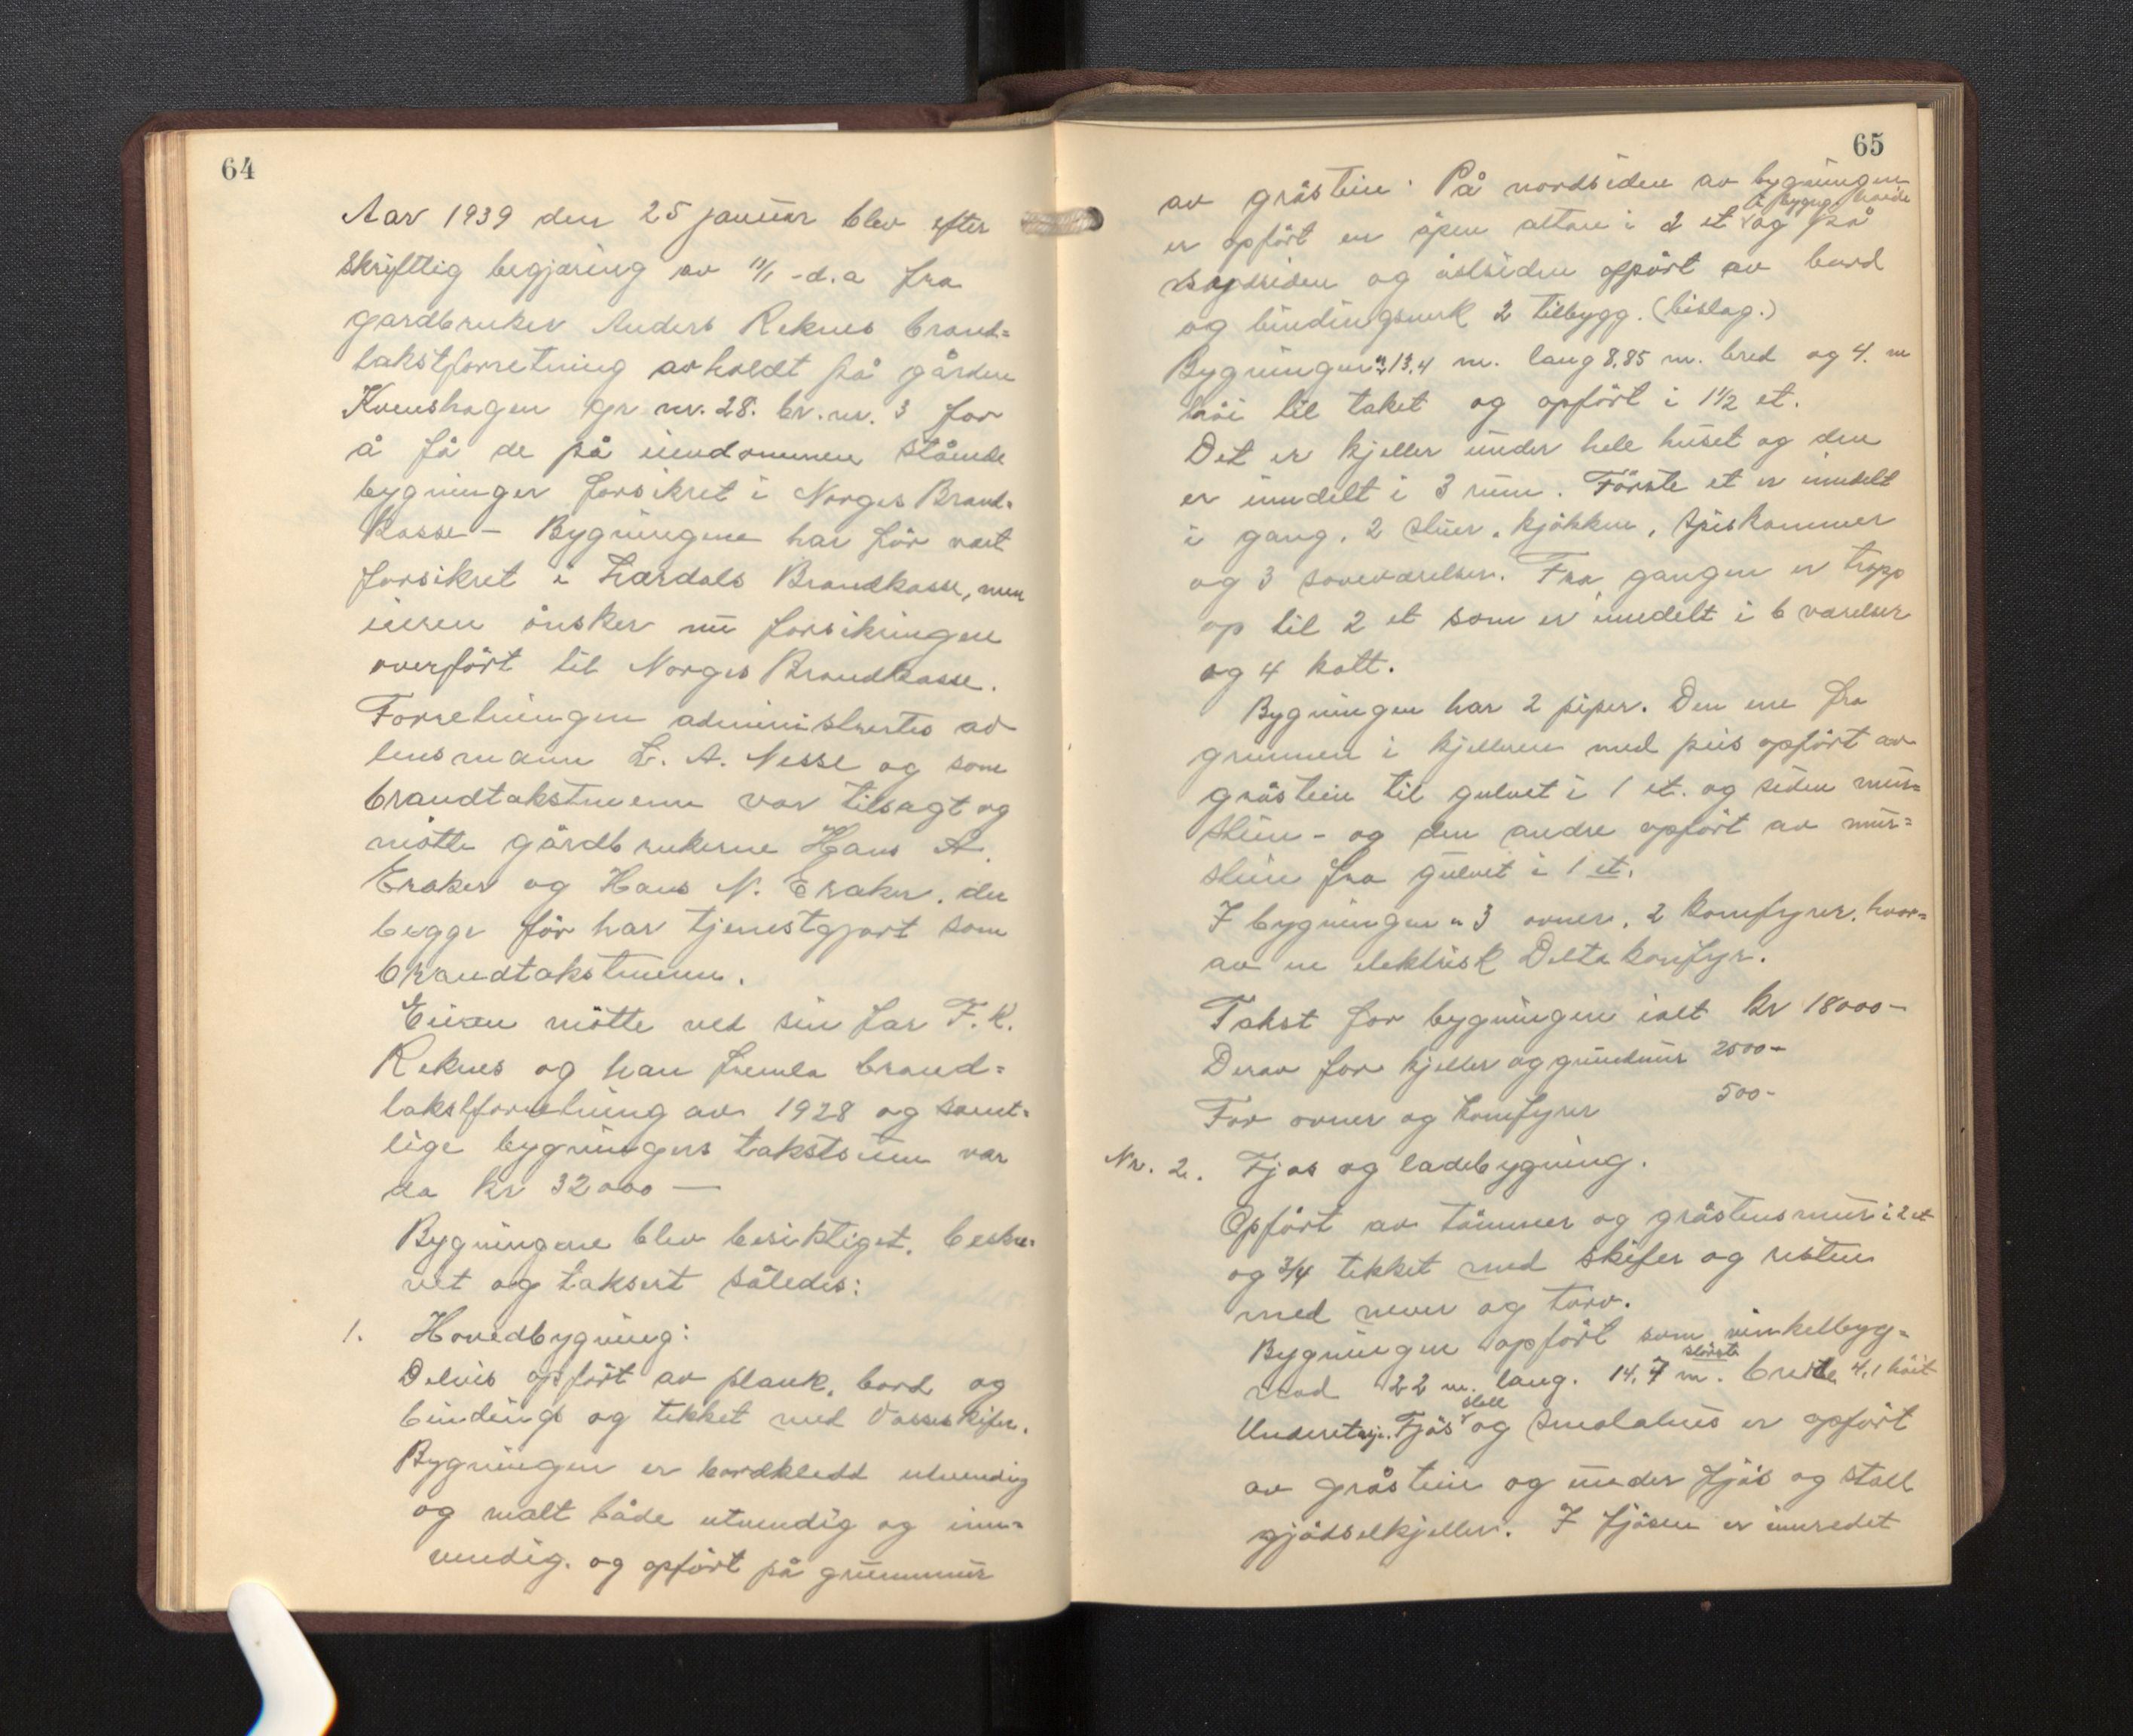 SAB, Lensmannen i Borgund, 0012/L0002: Branntakstprotokoll, 1929-1933, s. 64-65